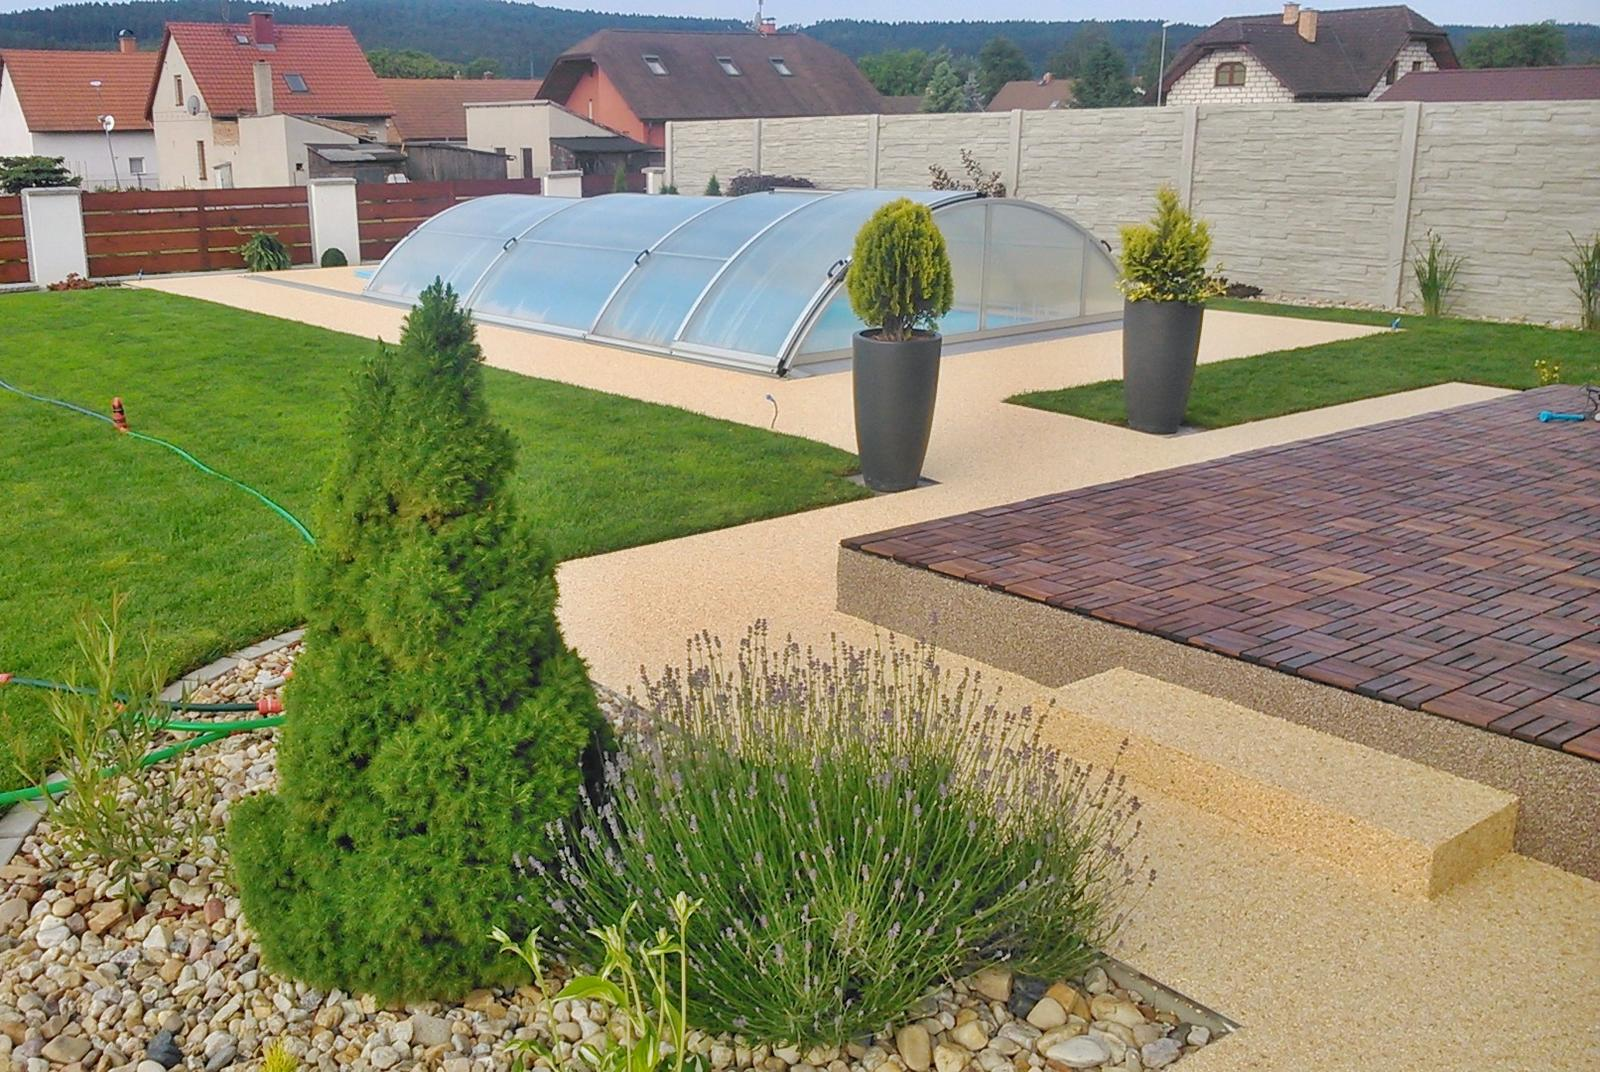 Kamínkový chodníček CHS EPODUR STONE - možnosti desénů a tvarů - Design pro vaši zahradu? Proč ne...